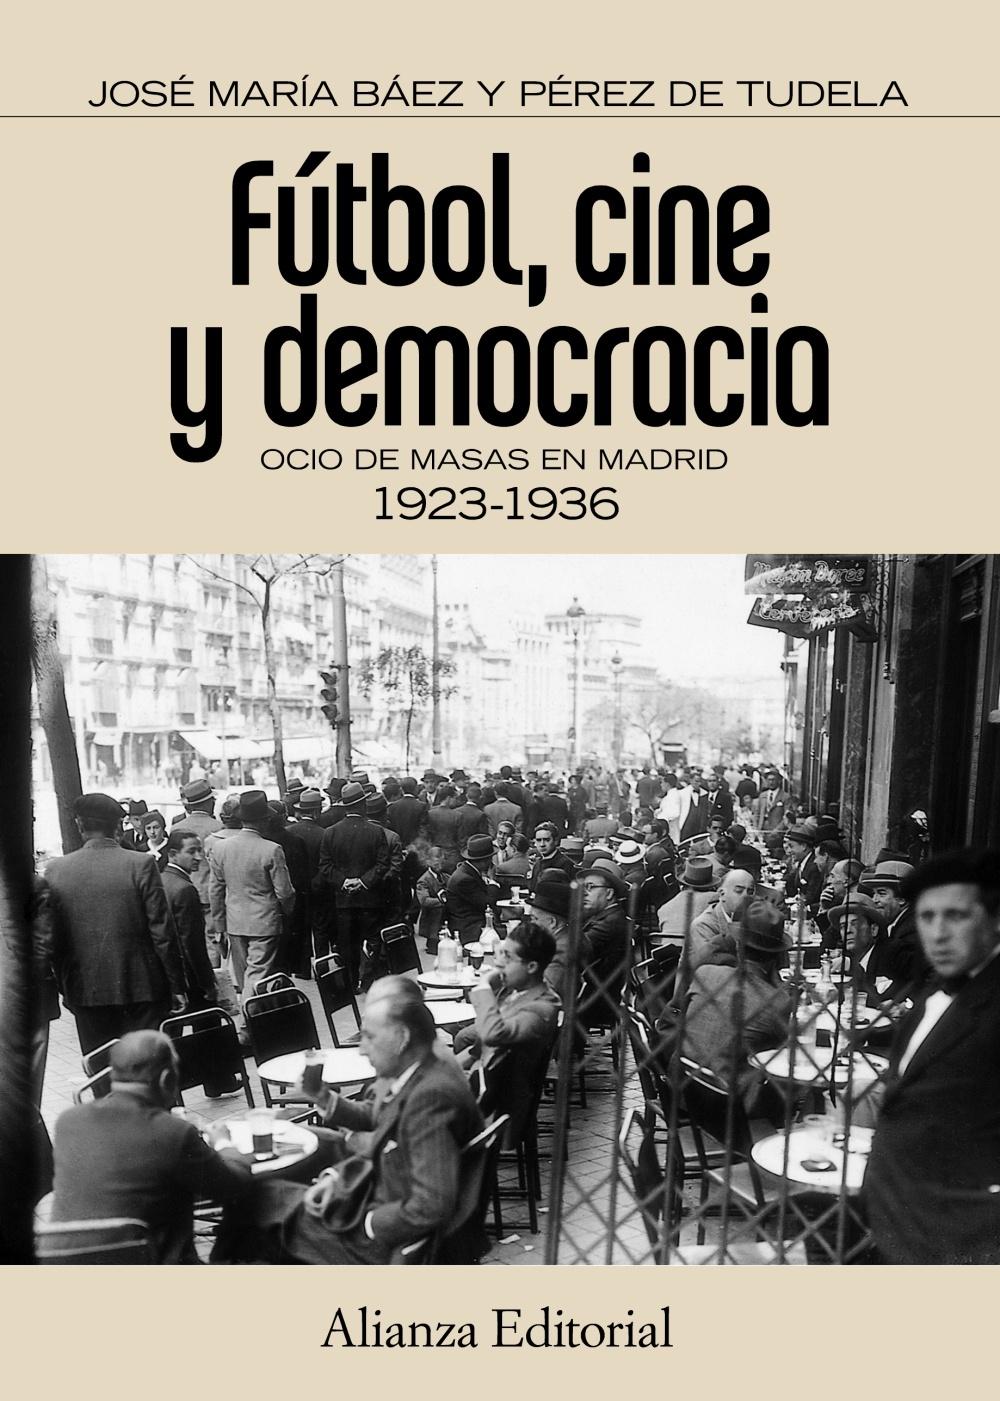 FÚTBOL, CINE Y DEMOCRACIA. OCIO DE MASAS EN MADRID 1923-1936